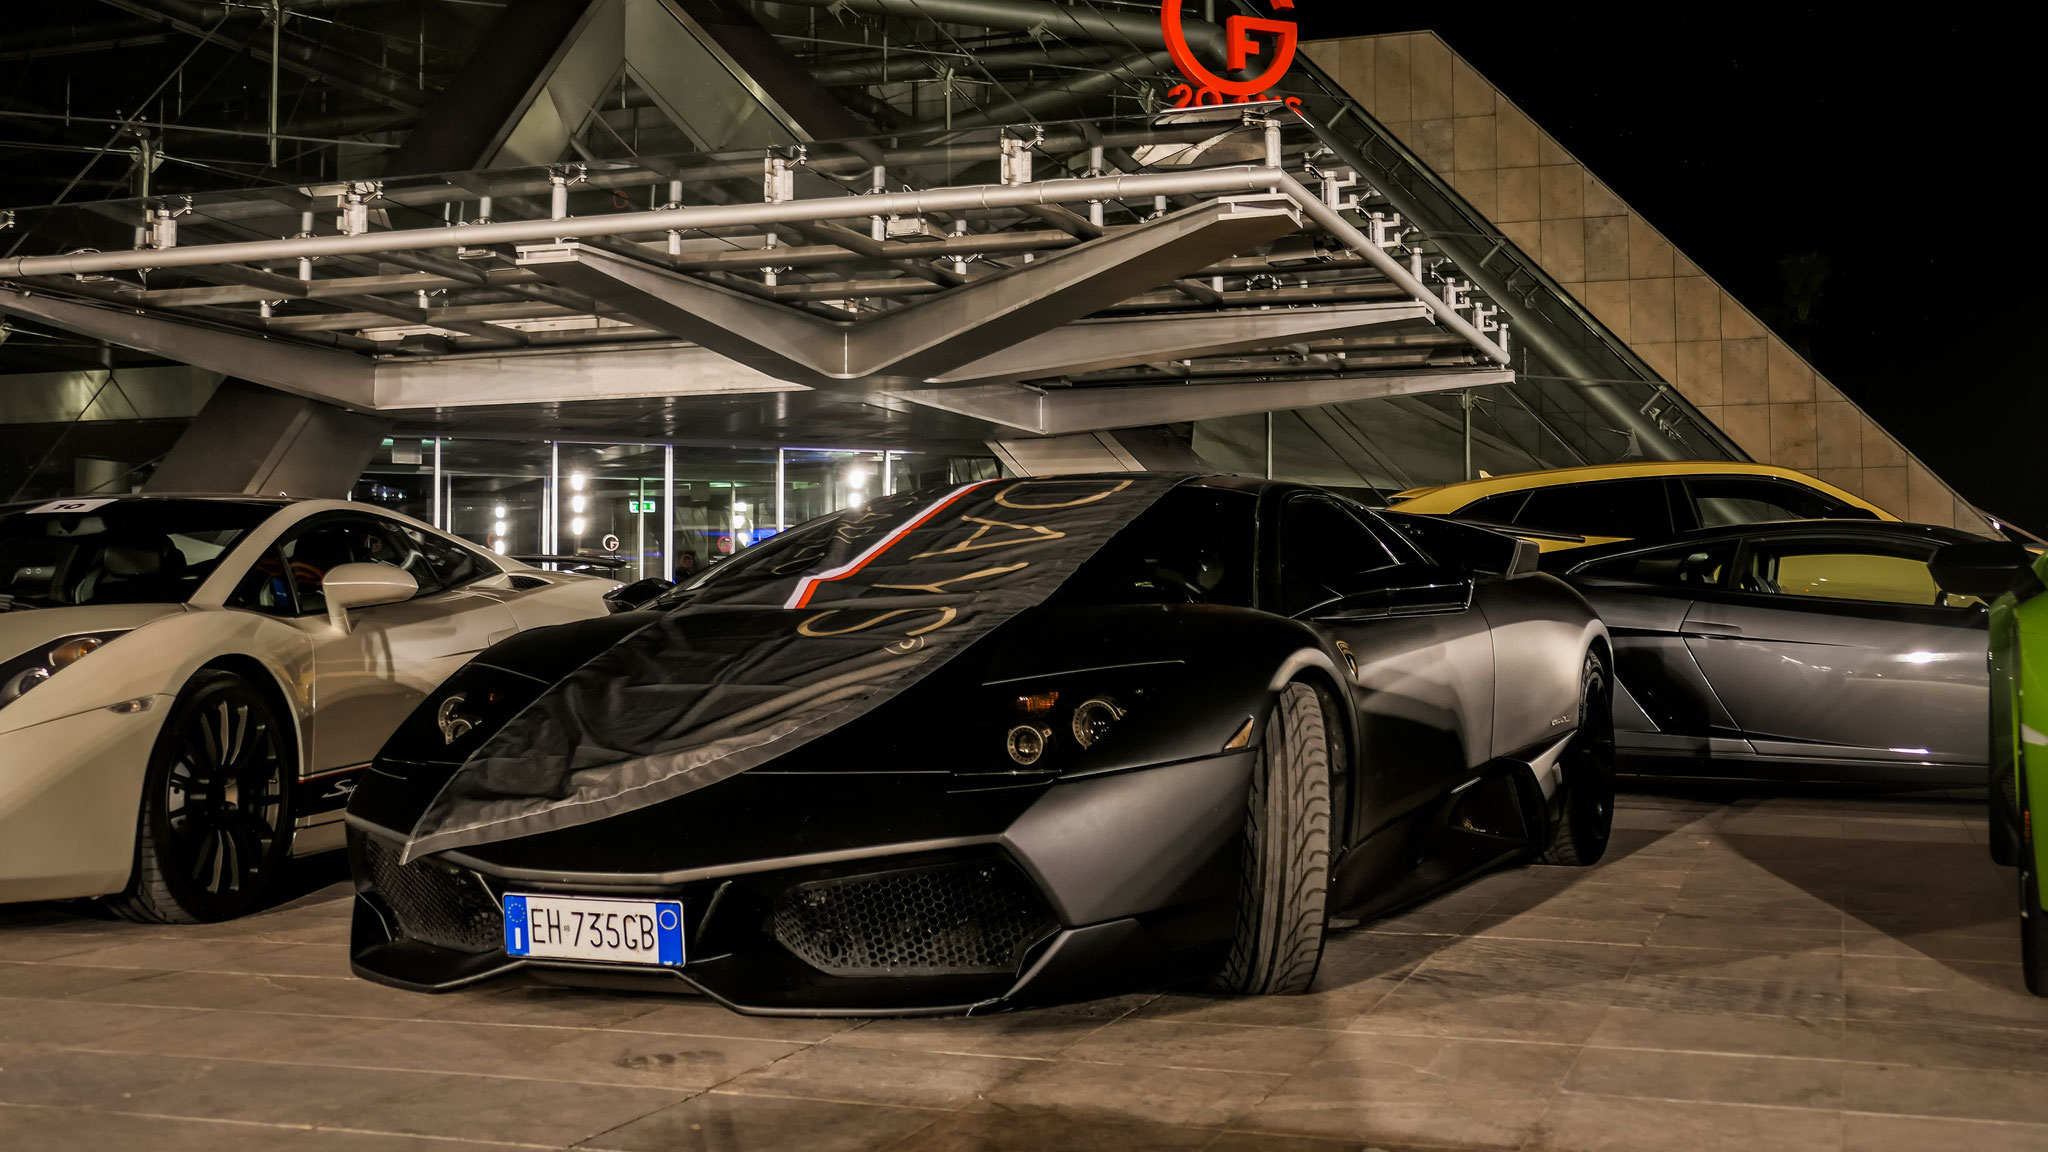 Lamborghini Murcielago SV (fake) - EH-735-GB (ITA)